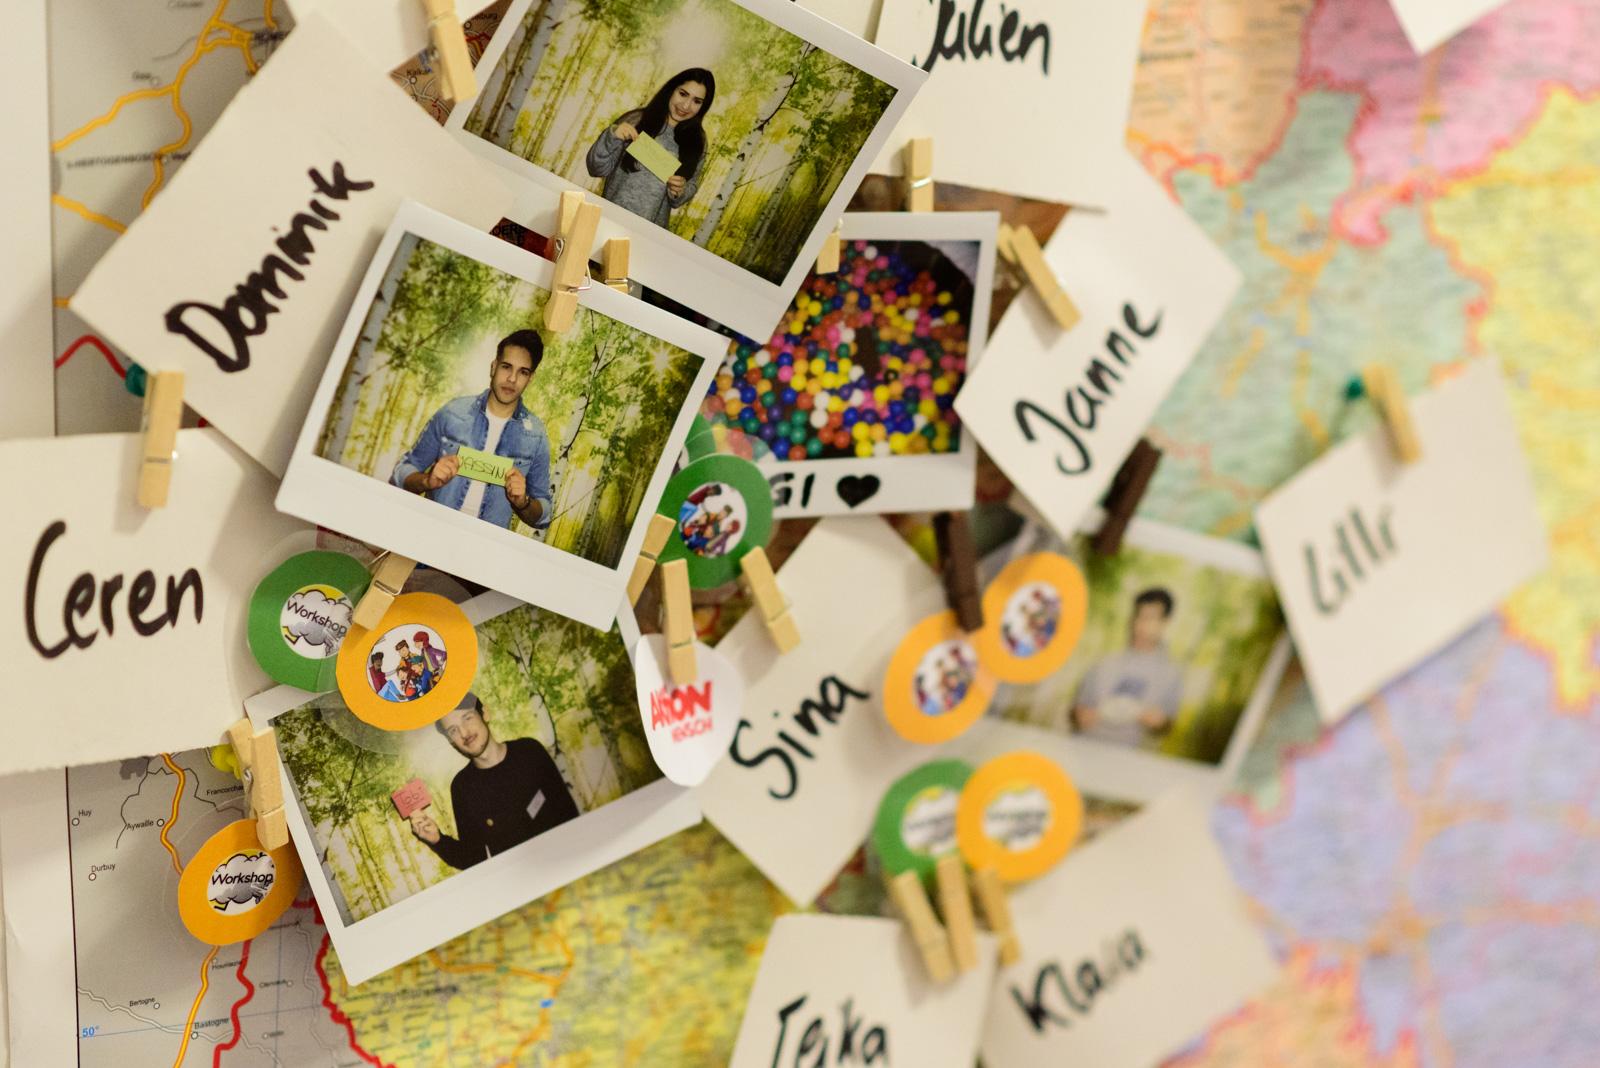 Polaroid-Fotos von Mitgliedern des Mission Inklusion-Teams, die mit ihren Namen versehen sind und an eine Deutschlandkarte gehangen wurden. © Servicestelle Jugendbeteiligung e. V./ Marius Klemm, 2018